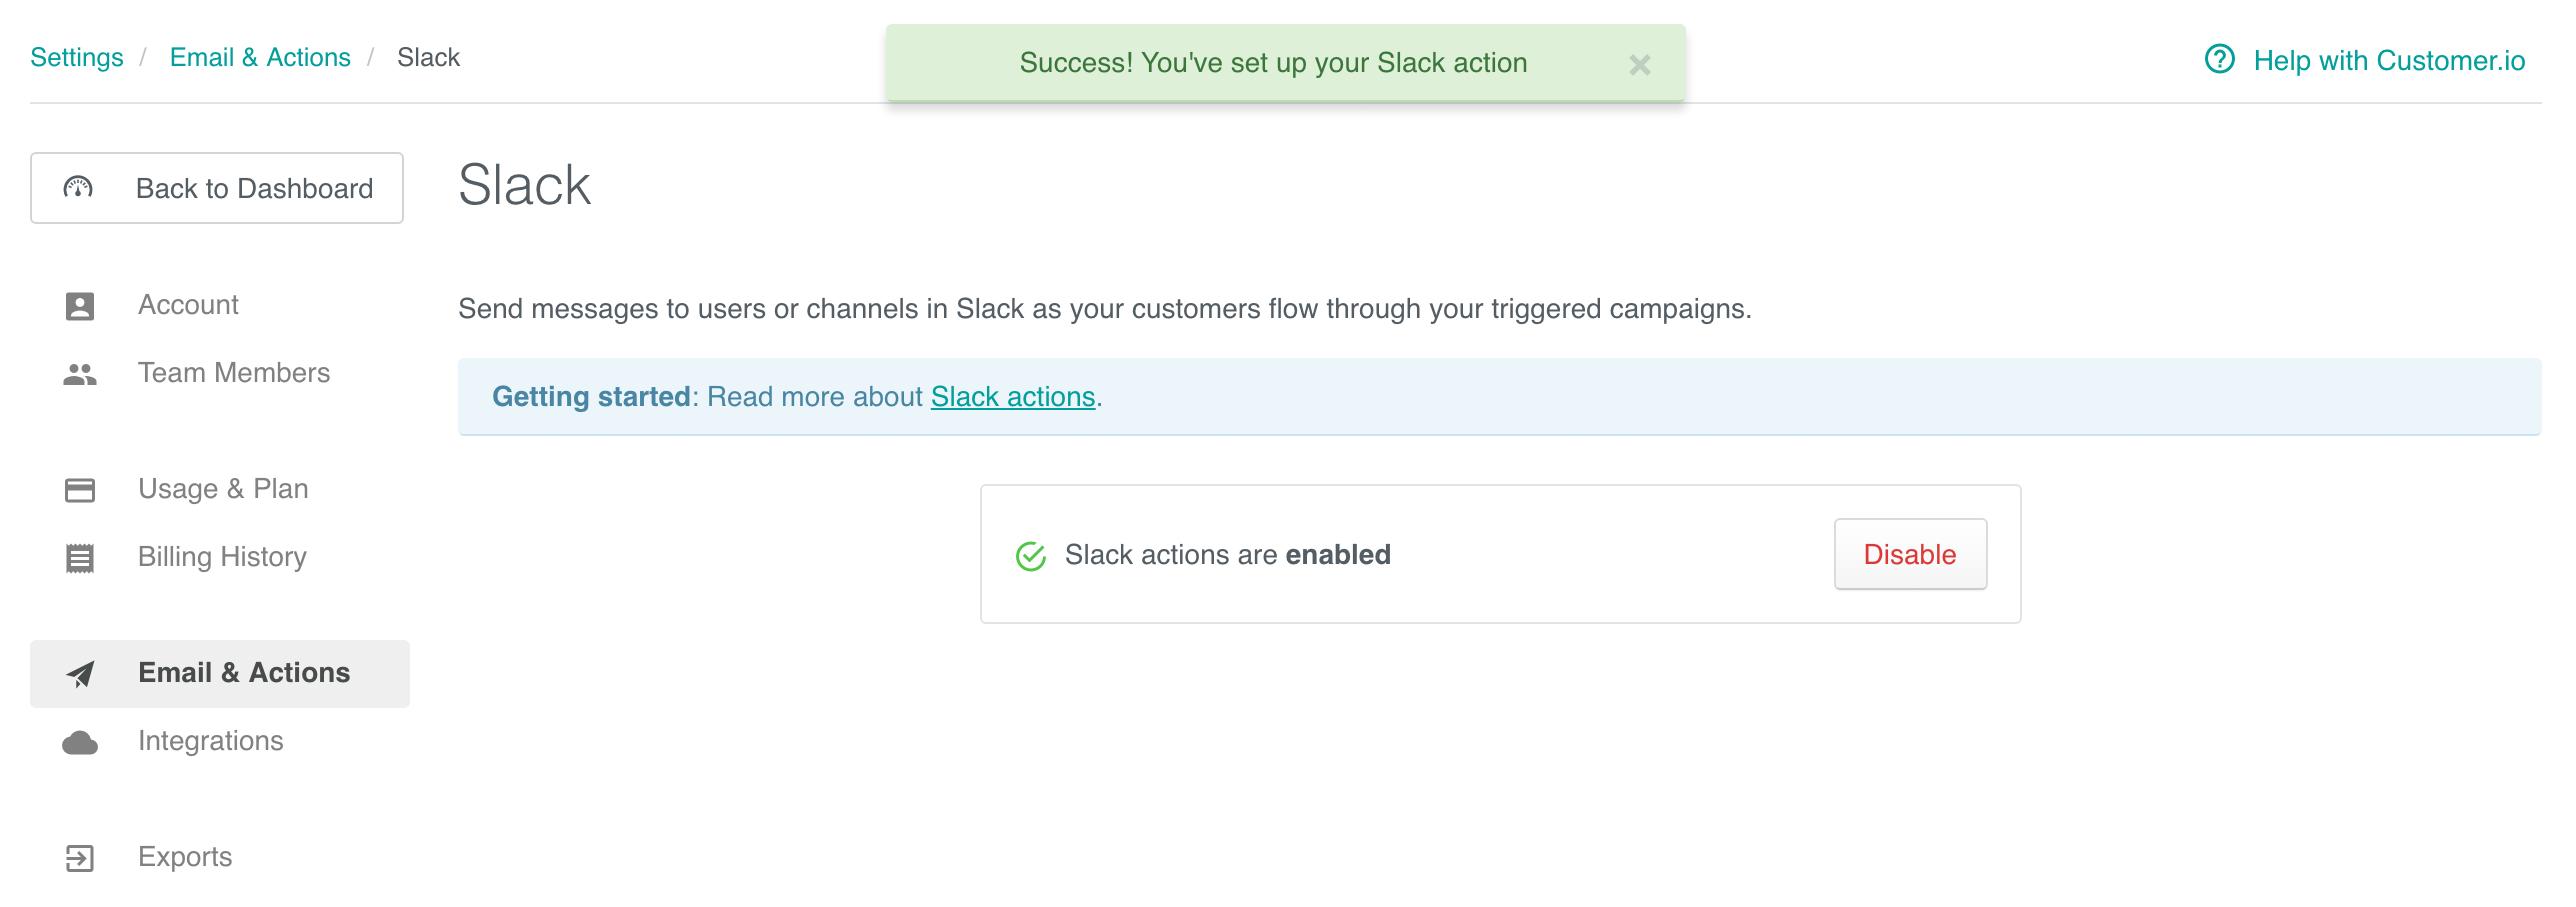 Slack configuration - get started